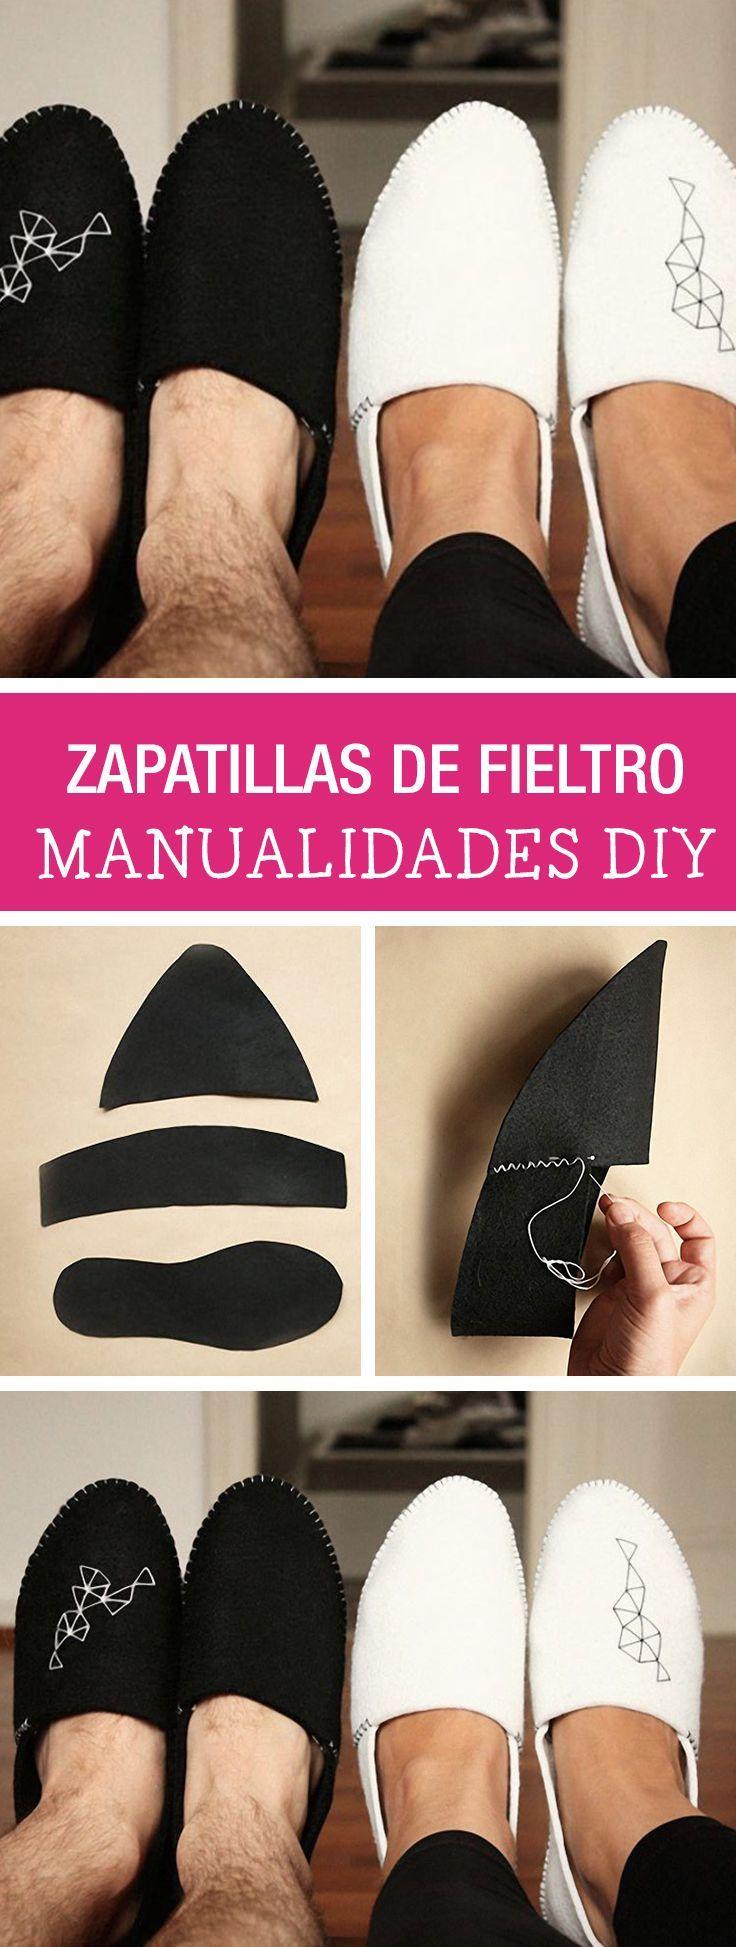 Tutorial DIY - CÓMO HACER UNAS ZAPATILLAS PARA ESTAR POR CASA DE FIELTRO en DaWanda.es